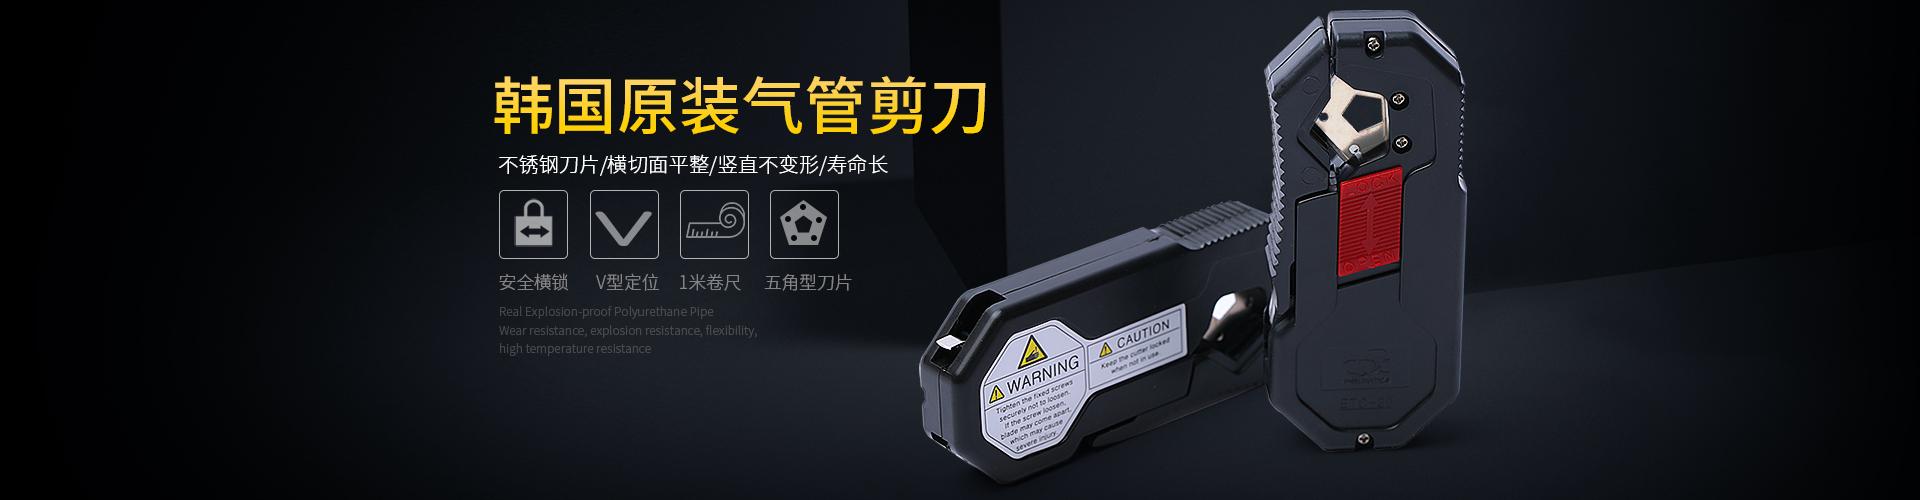 深圳市野马实业有限公司